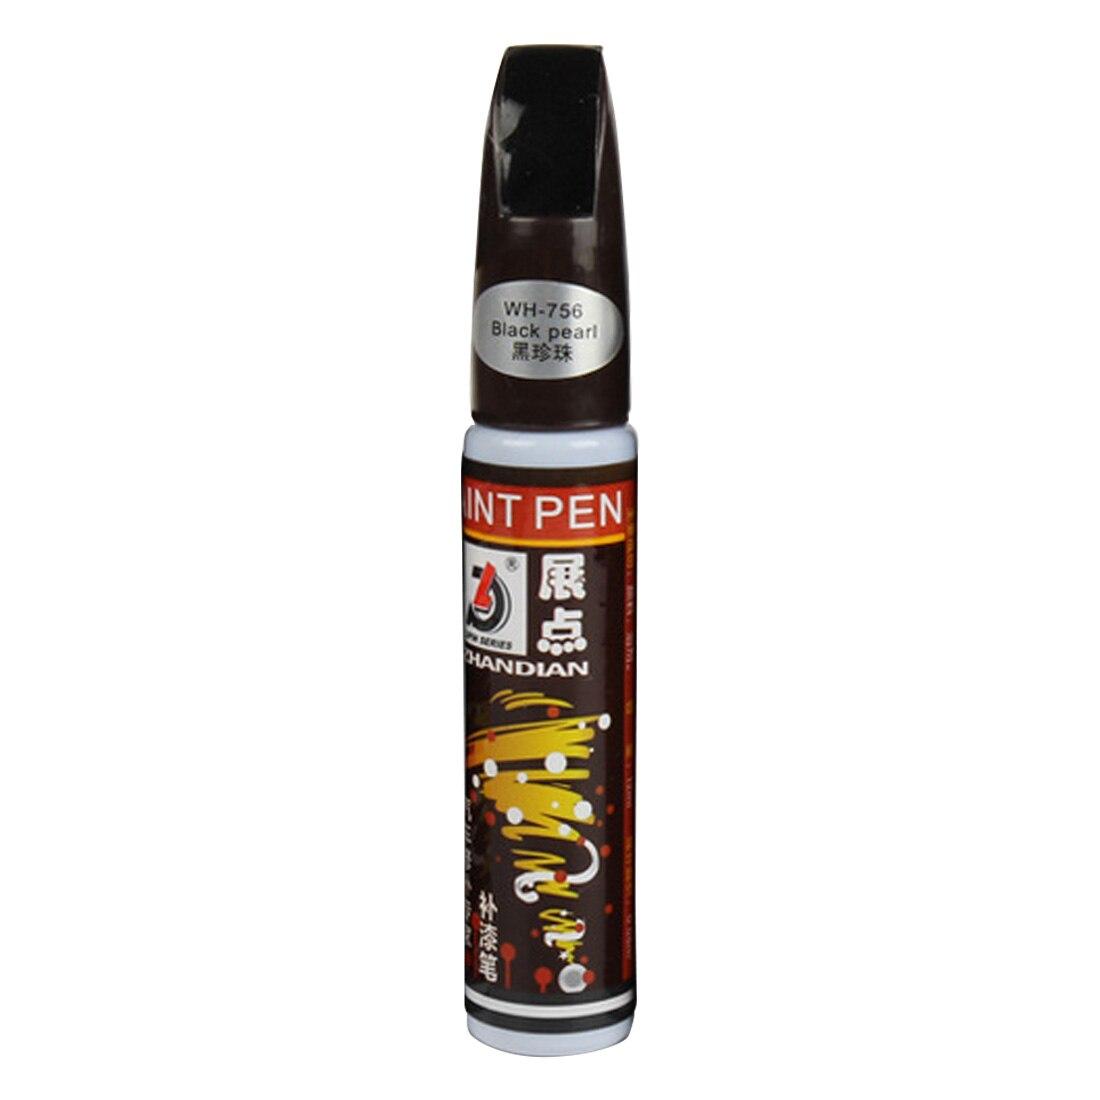 Новая Автомобильная сенсорная ручка, водостойкая удаляющая аппликатор, утилита, профессиональная автомобильная куртка, очищающая от царапин, для ремонта, окрашивающая ручка, сенсорная - Цвет: black Pearl